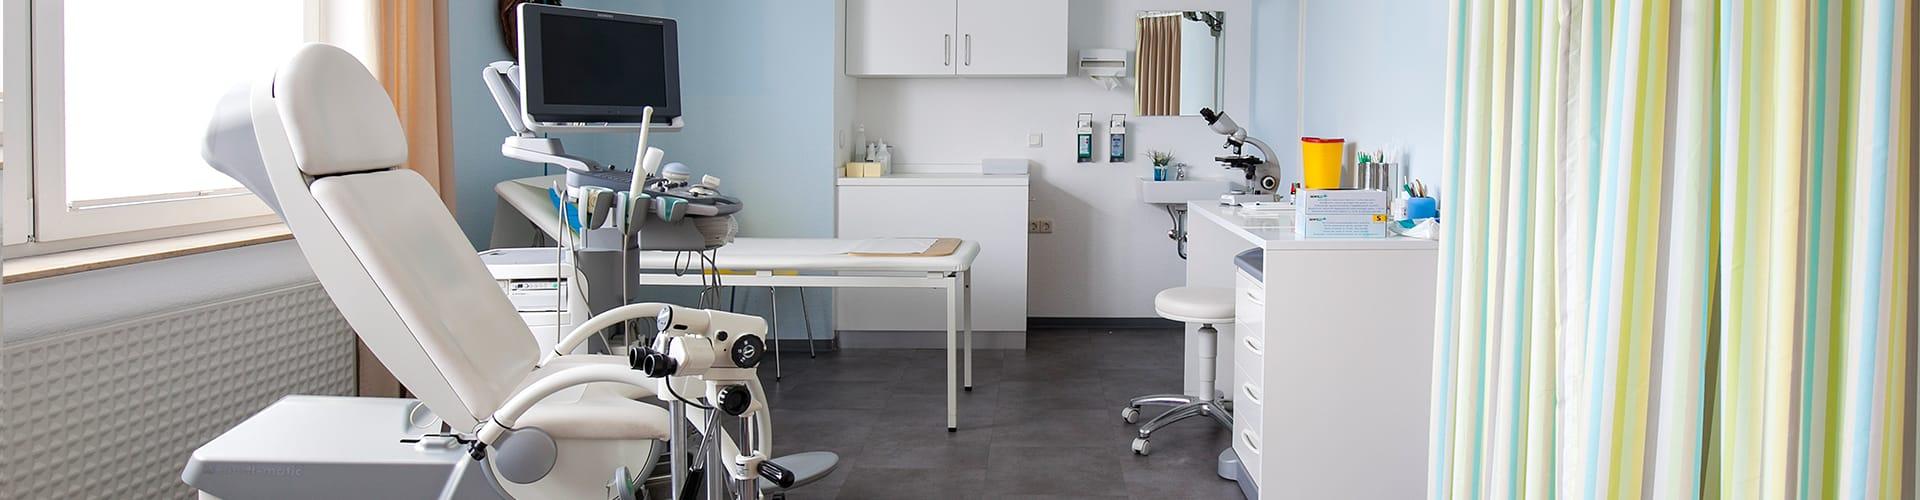 Hier sehen Sie ein Behandlungszimmer der Frauenarztpraxis Frau Dr. med. Berlinghoff in Lüdinghausen.